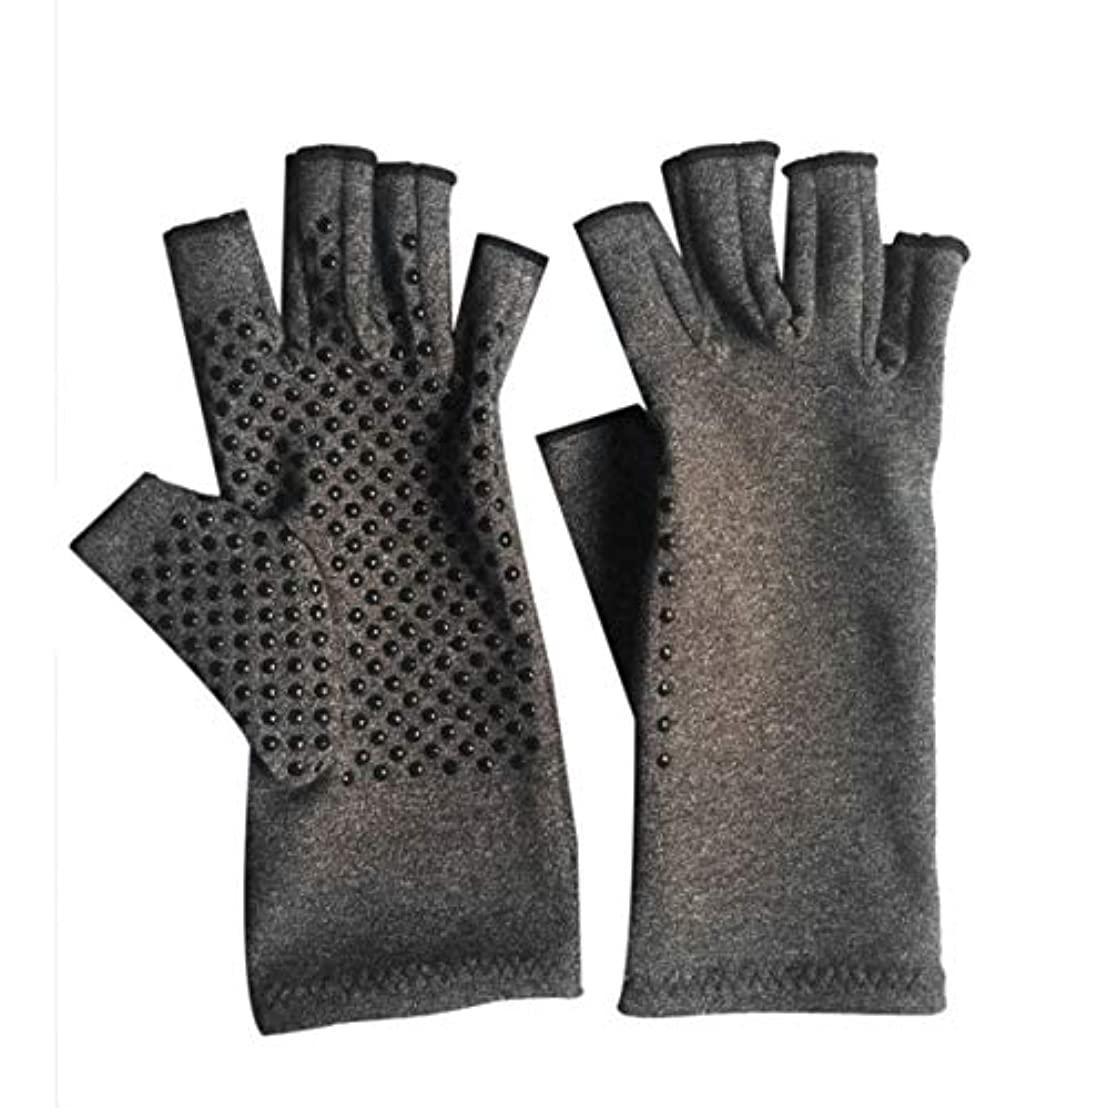 光景アカウント降ろす1ペアユニセックス男性女性療法圧縮手袋関節炎関節痛緩和ヘルスケア半指手袋トレーニング手袋 - グレーM